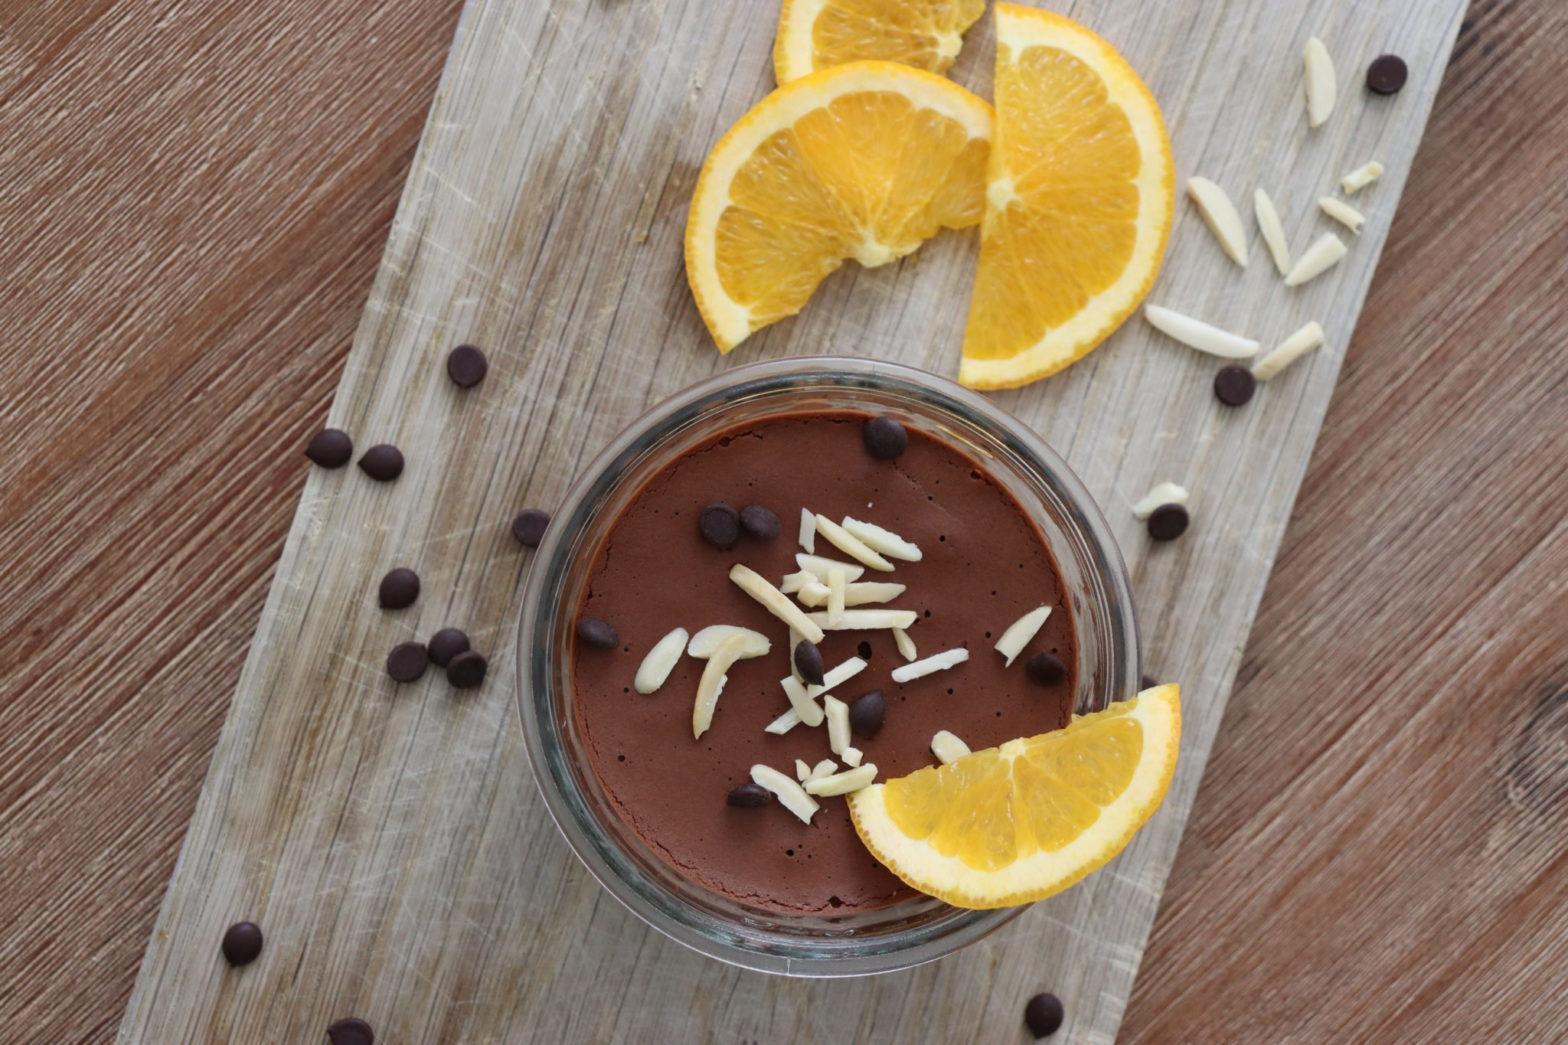 Mousse au Chocolat mit Orangenscheiben